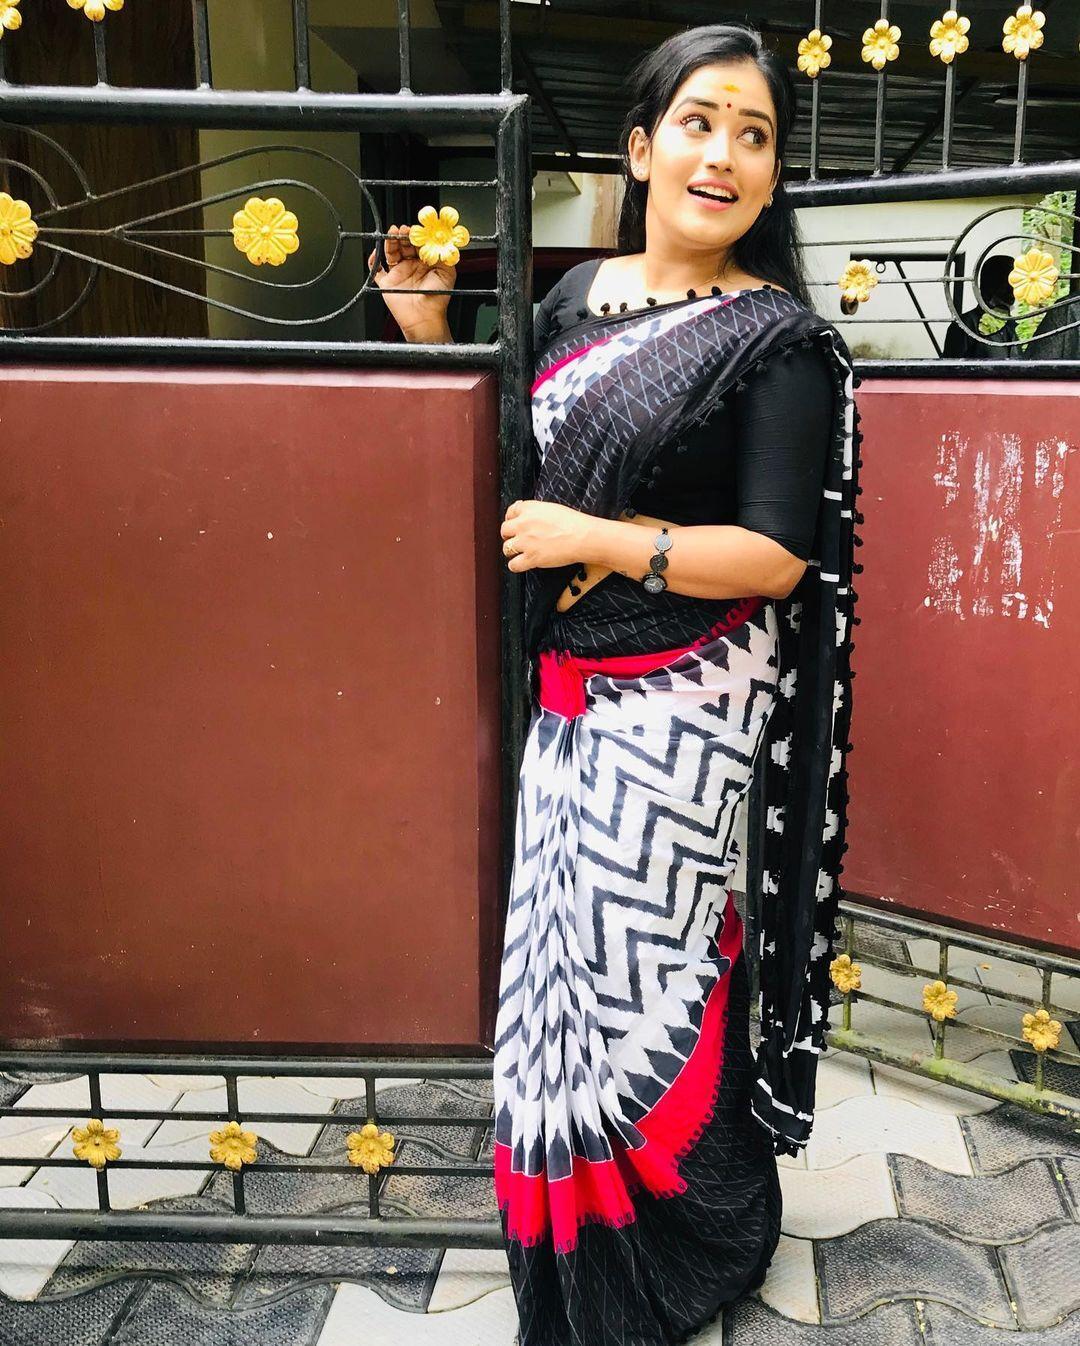 സാരിയില് തിളങ്ങി സ്റ്റാര് മാജിക് ഫെയിം അനുമോള്: ചിത്രം ഏറ്റെടുത്ത് ആരാധകര്